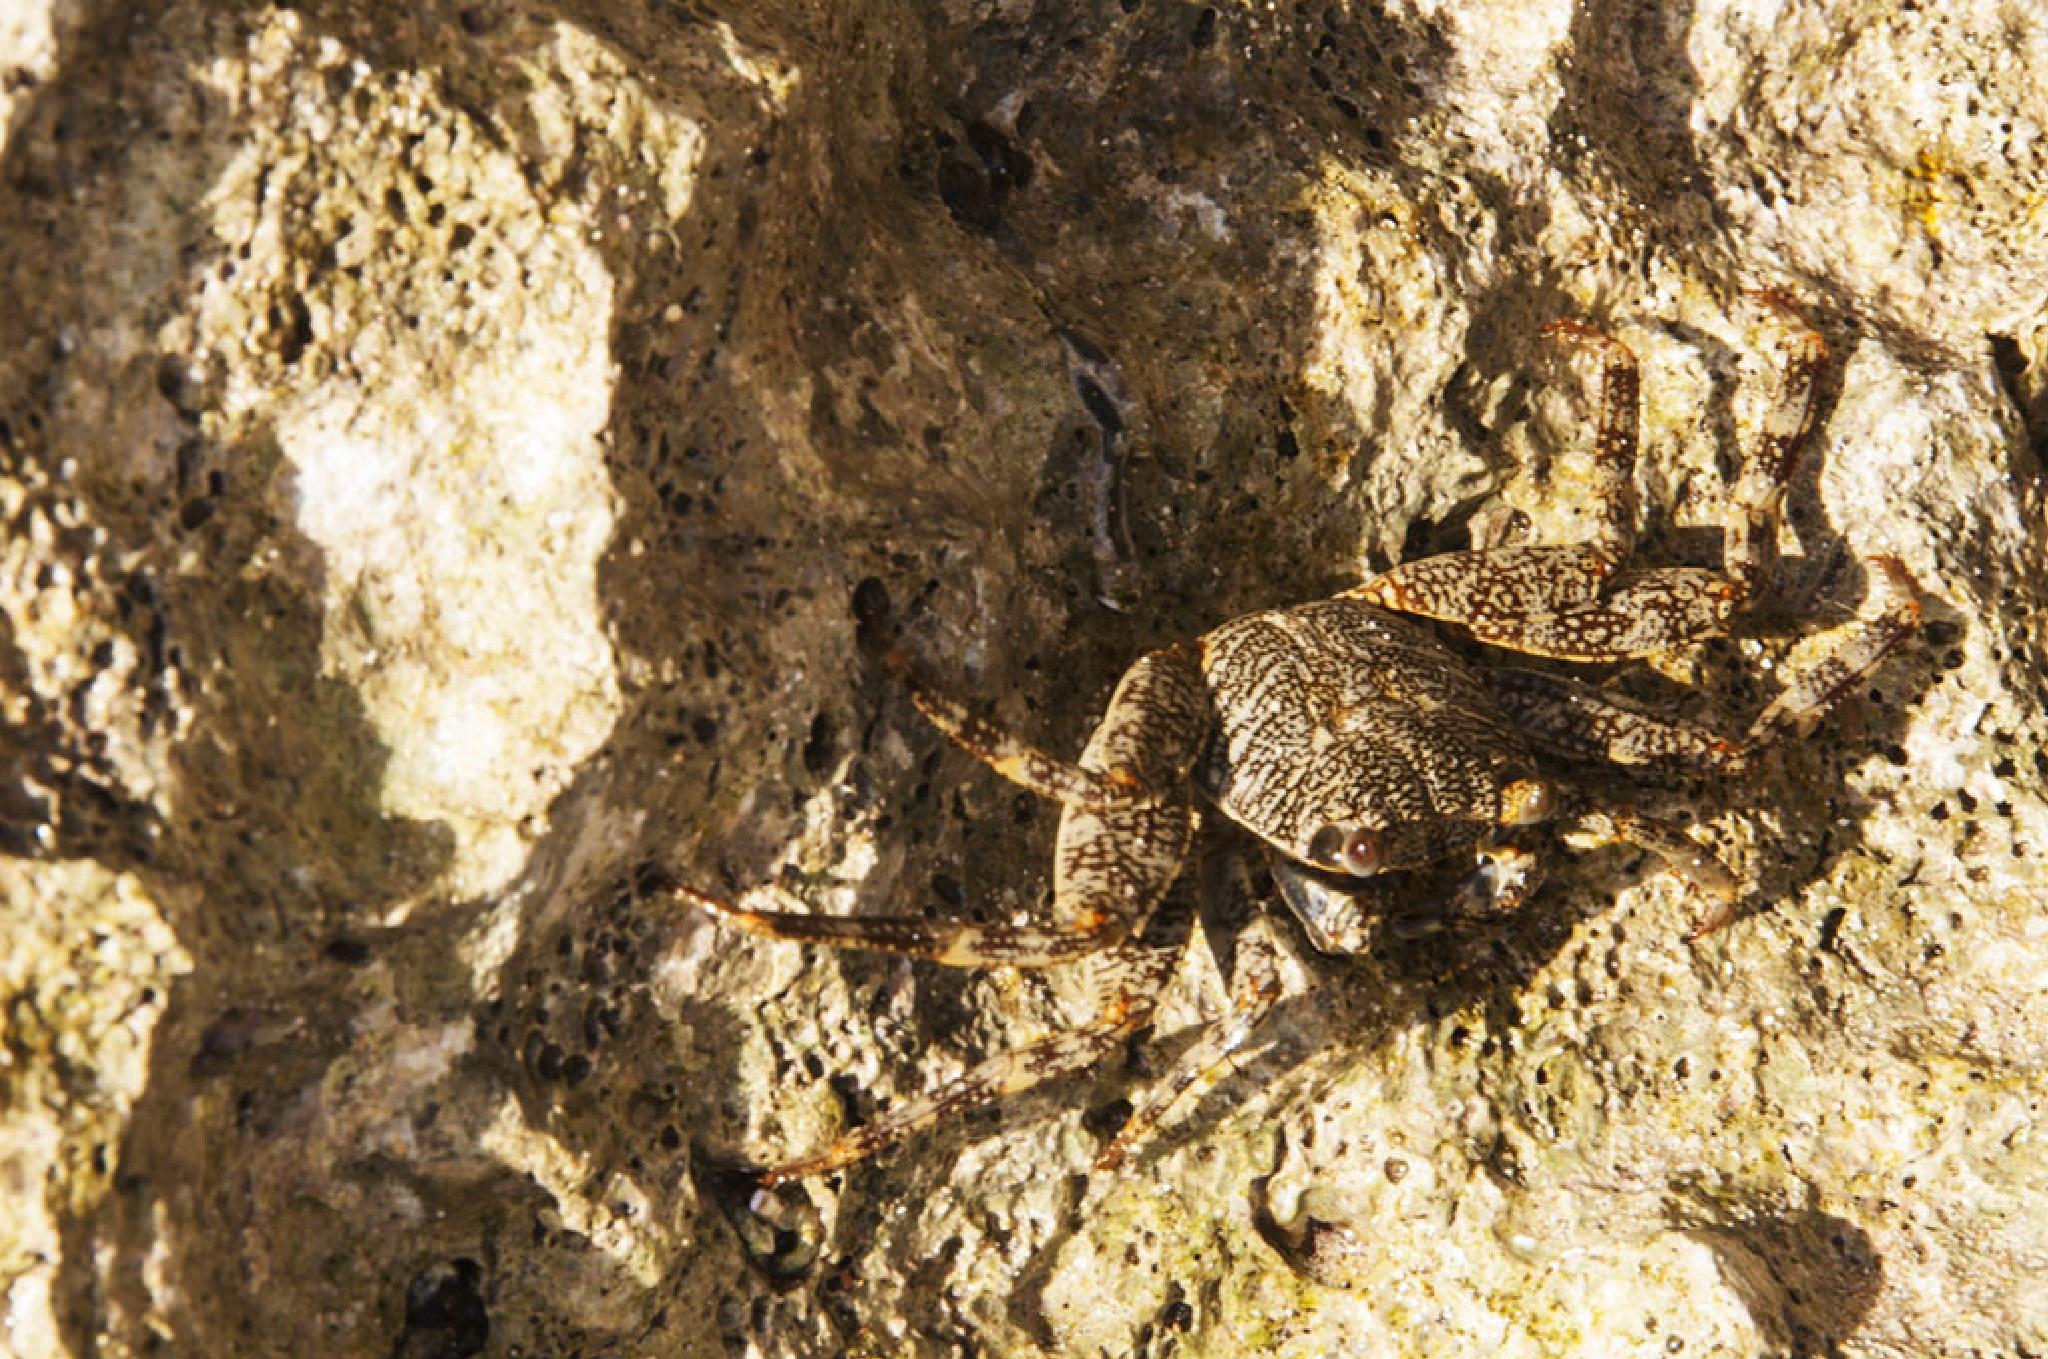 Crab Blending-In by Wayne L. Talbot